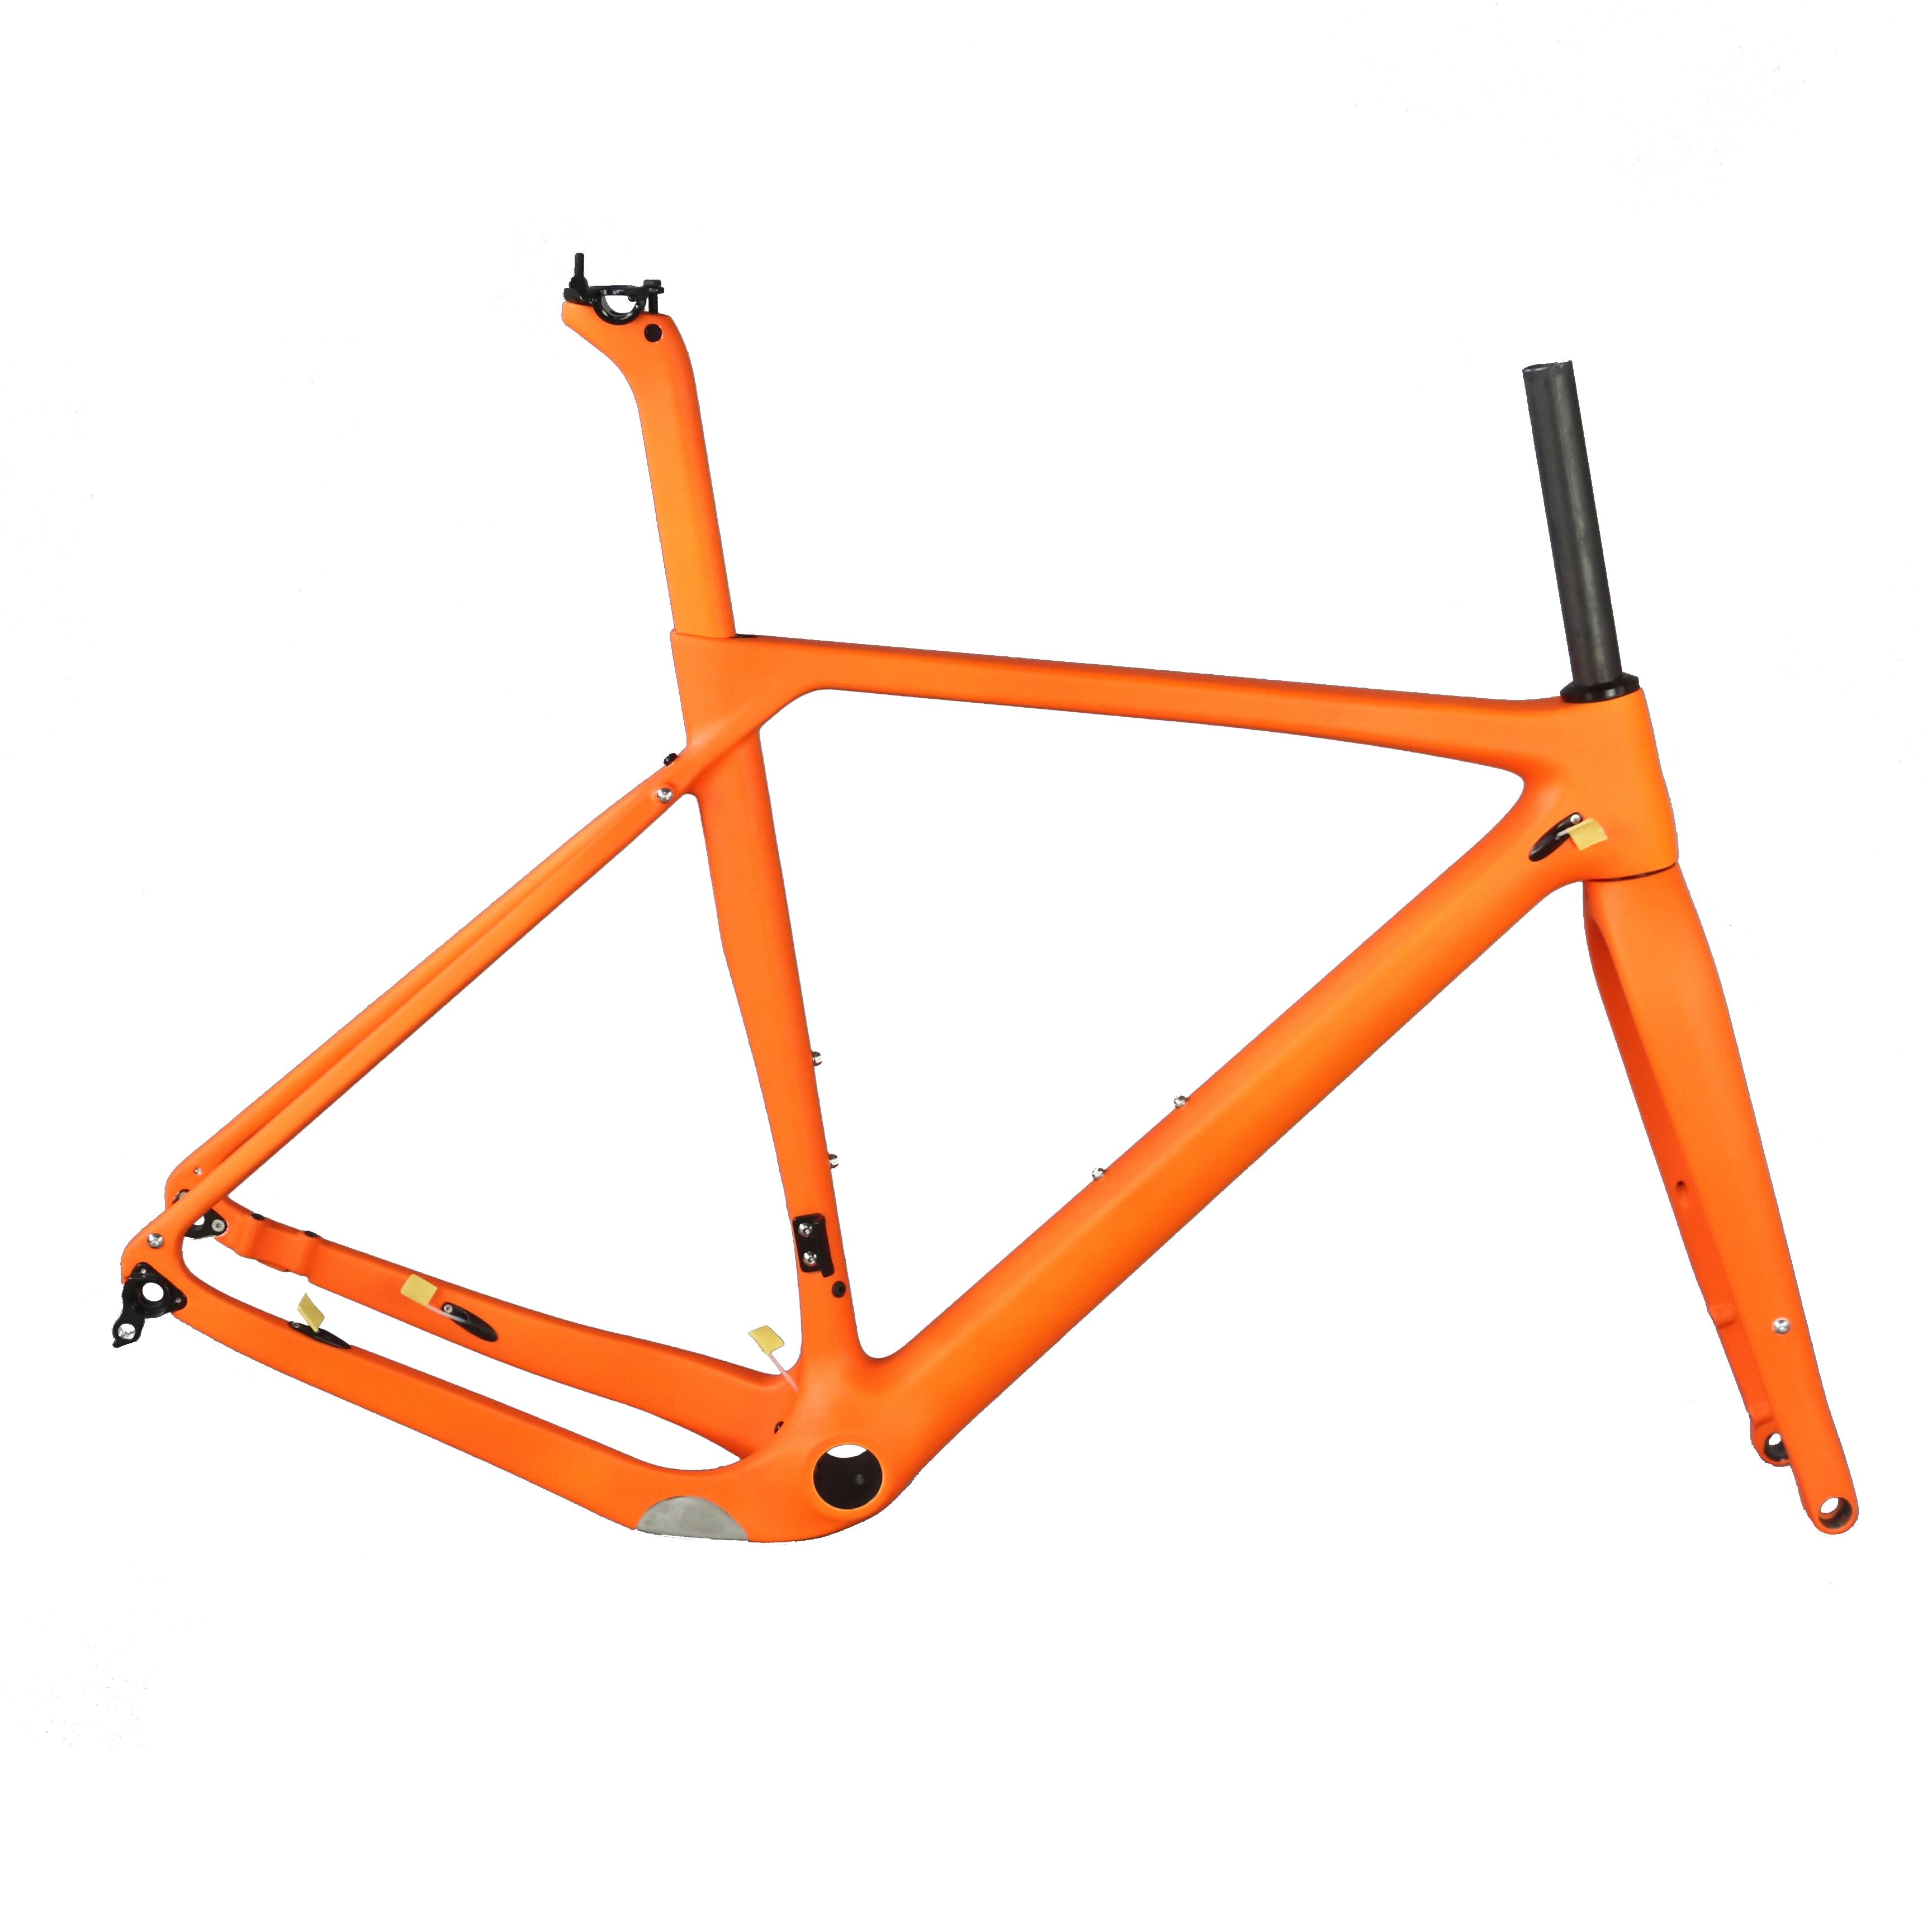 Full carbon fiber gravel bike frame GR030  bike gravel bike frame factory accept custom paint orange frame|Bicycle Frame| |  - title=